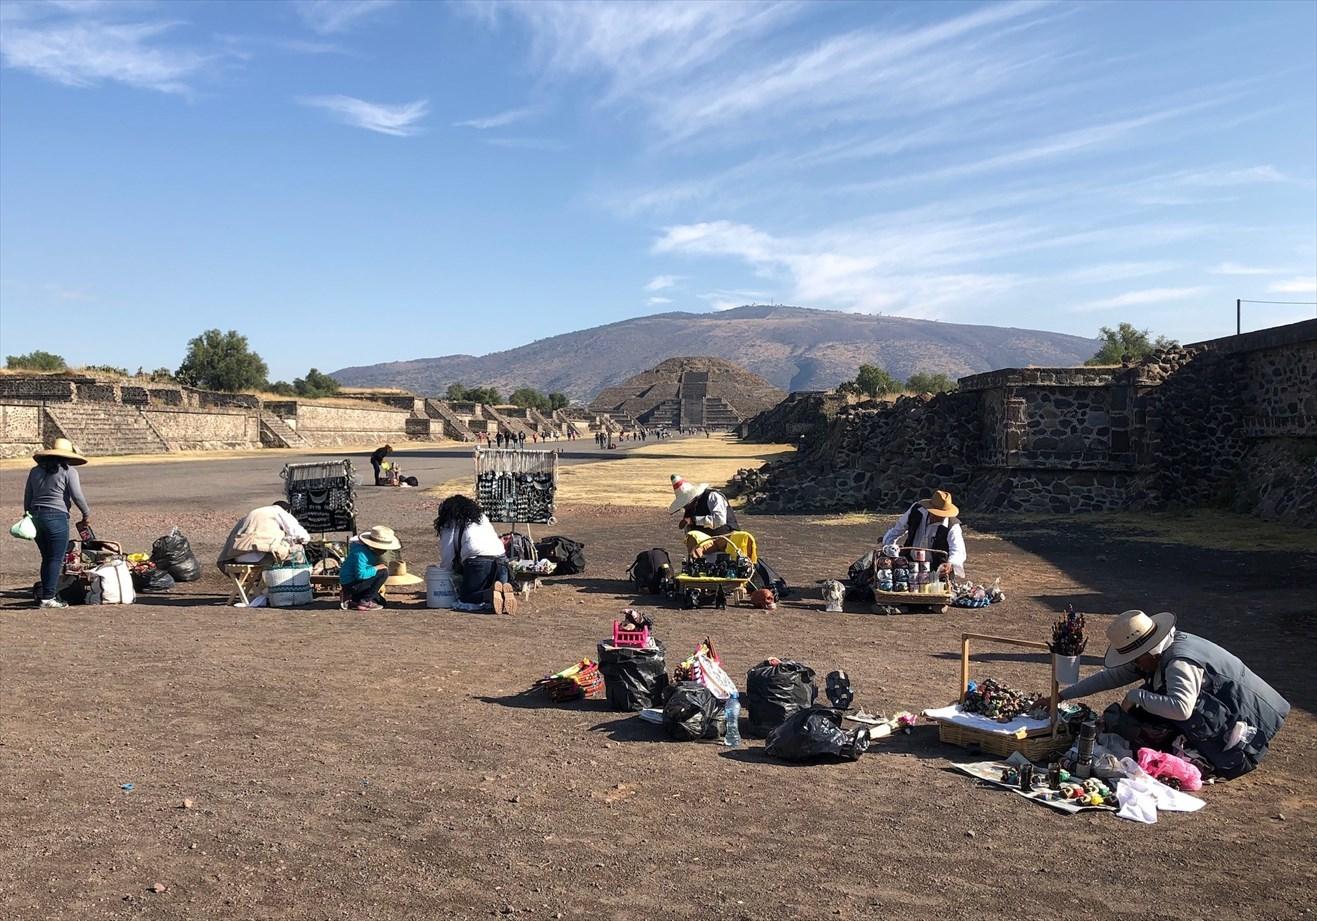 中南米の旅/66 月のピラミッド@メキシコ・テオティワカン遺跡_a0092659_16452865.jpg